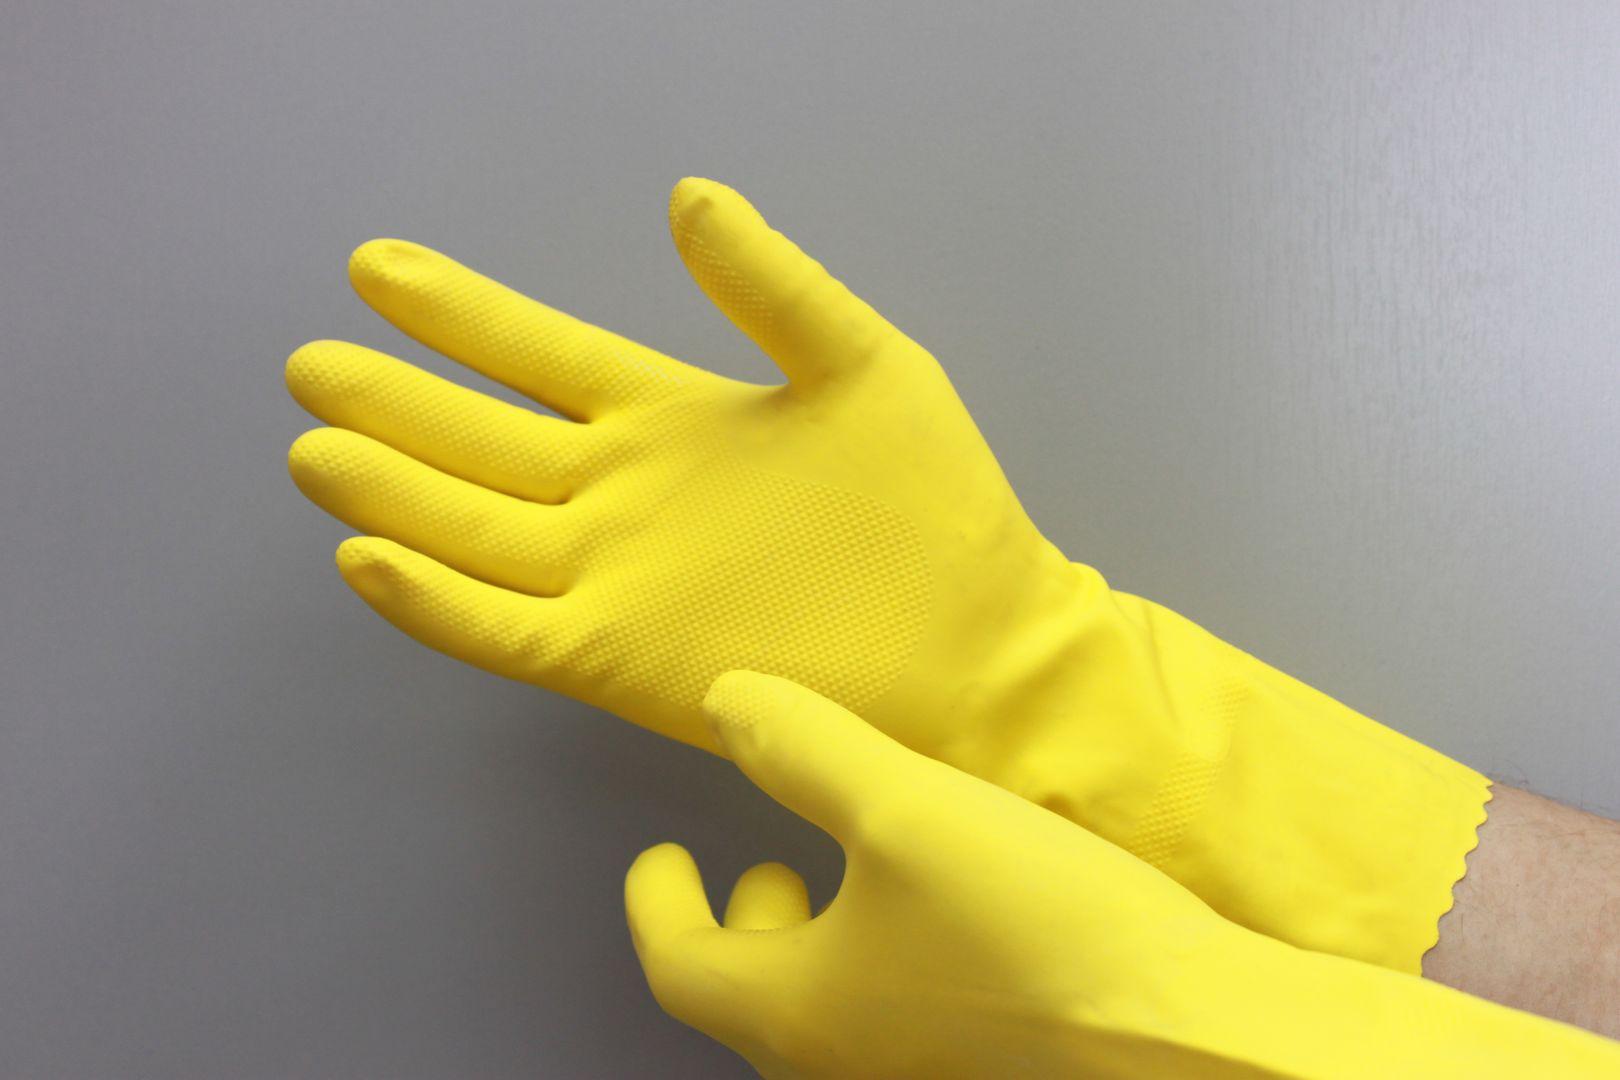 Член и резиновые перчатки 16 фотография